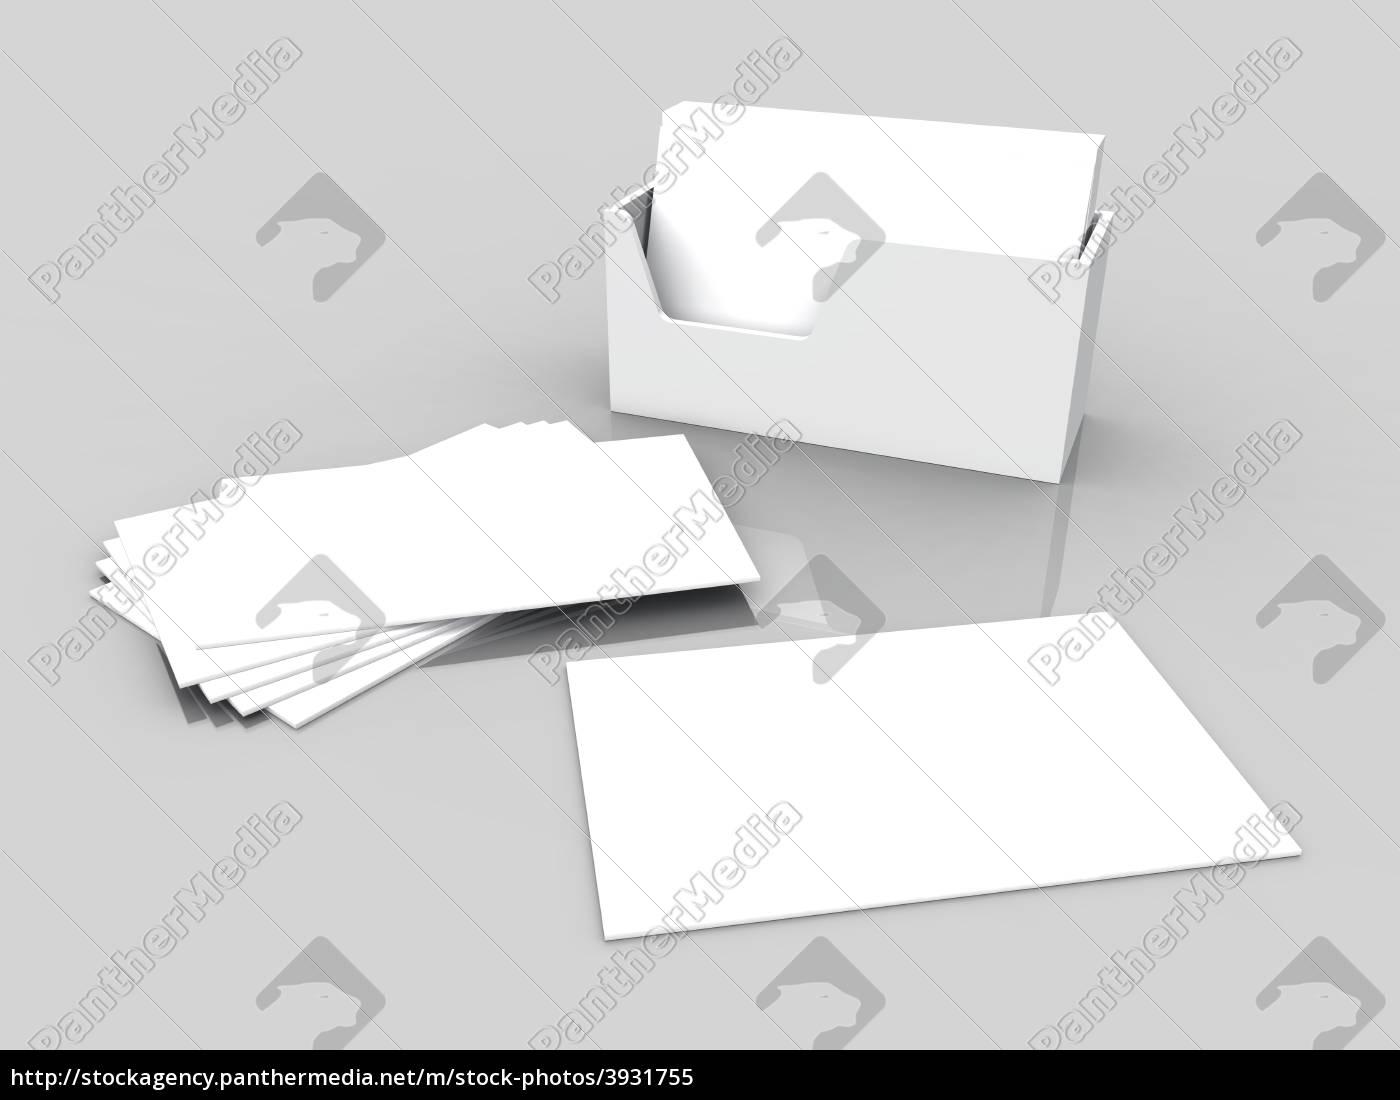 Stockfoto 3931755 Blanko Visitenkarten Weiß Auf Grau